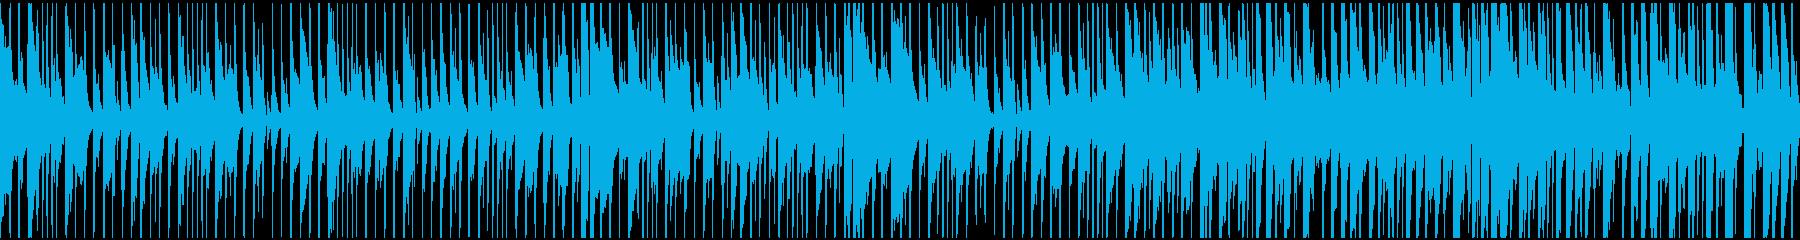 明るく軽快で楽しいレゲエ調のループ仕様の再生済みの波形